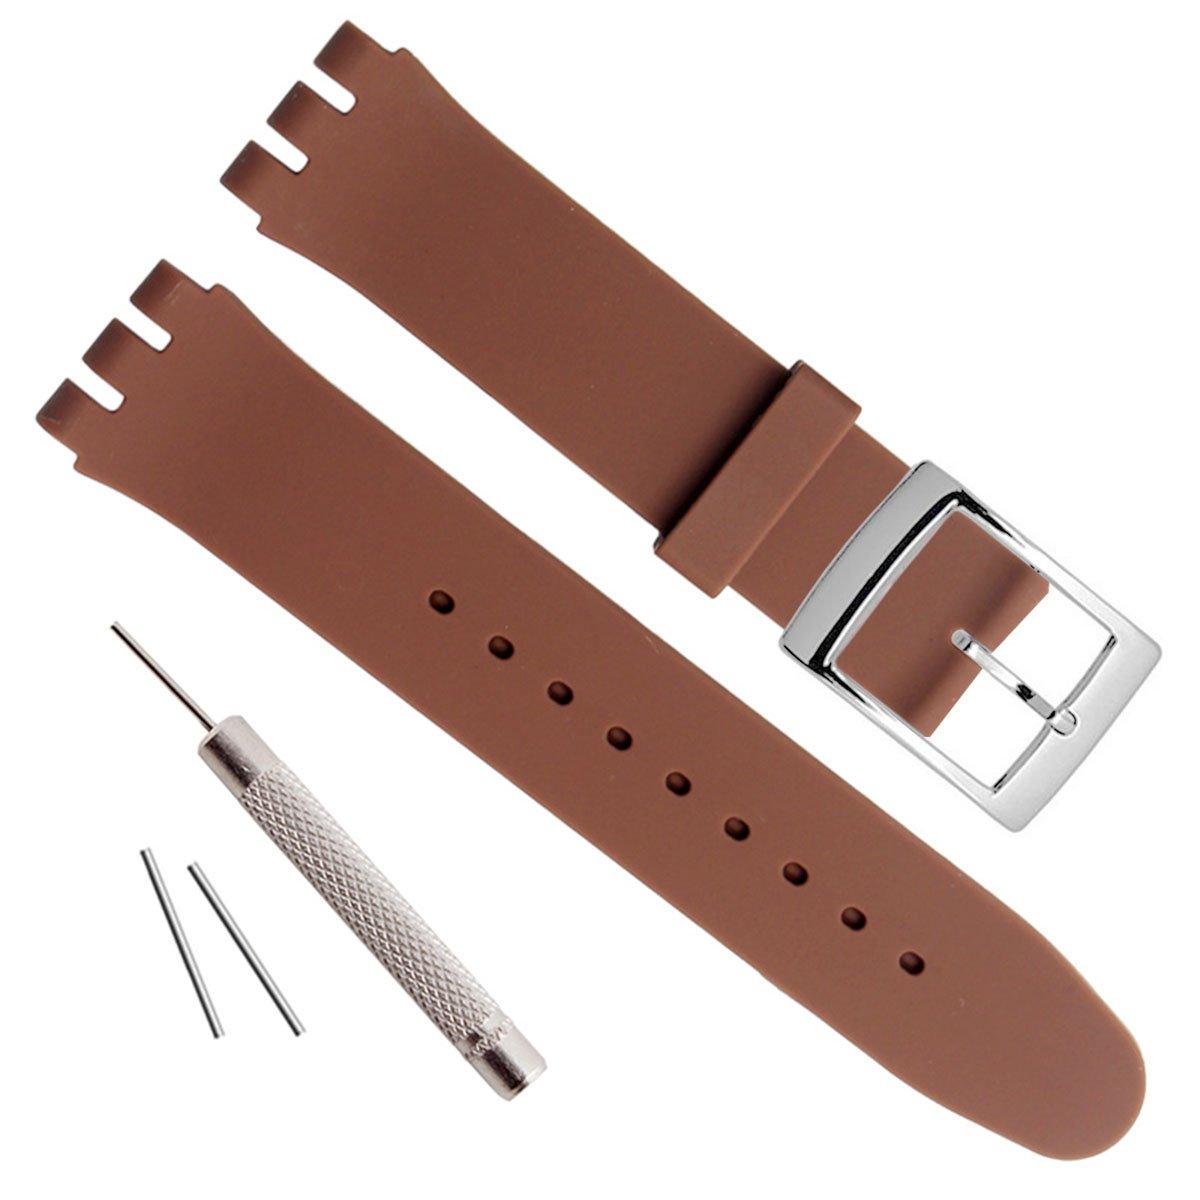 シルバーメッキステンレススチールバックル防水シリコンラバー腕時計ストラップ時計バンド 17mm ライトブラウン 17mm|ライトブラウン ライトブラウン 17mm B07796CNWD